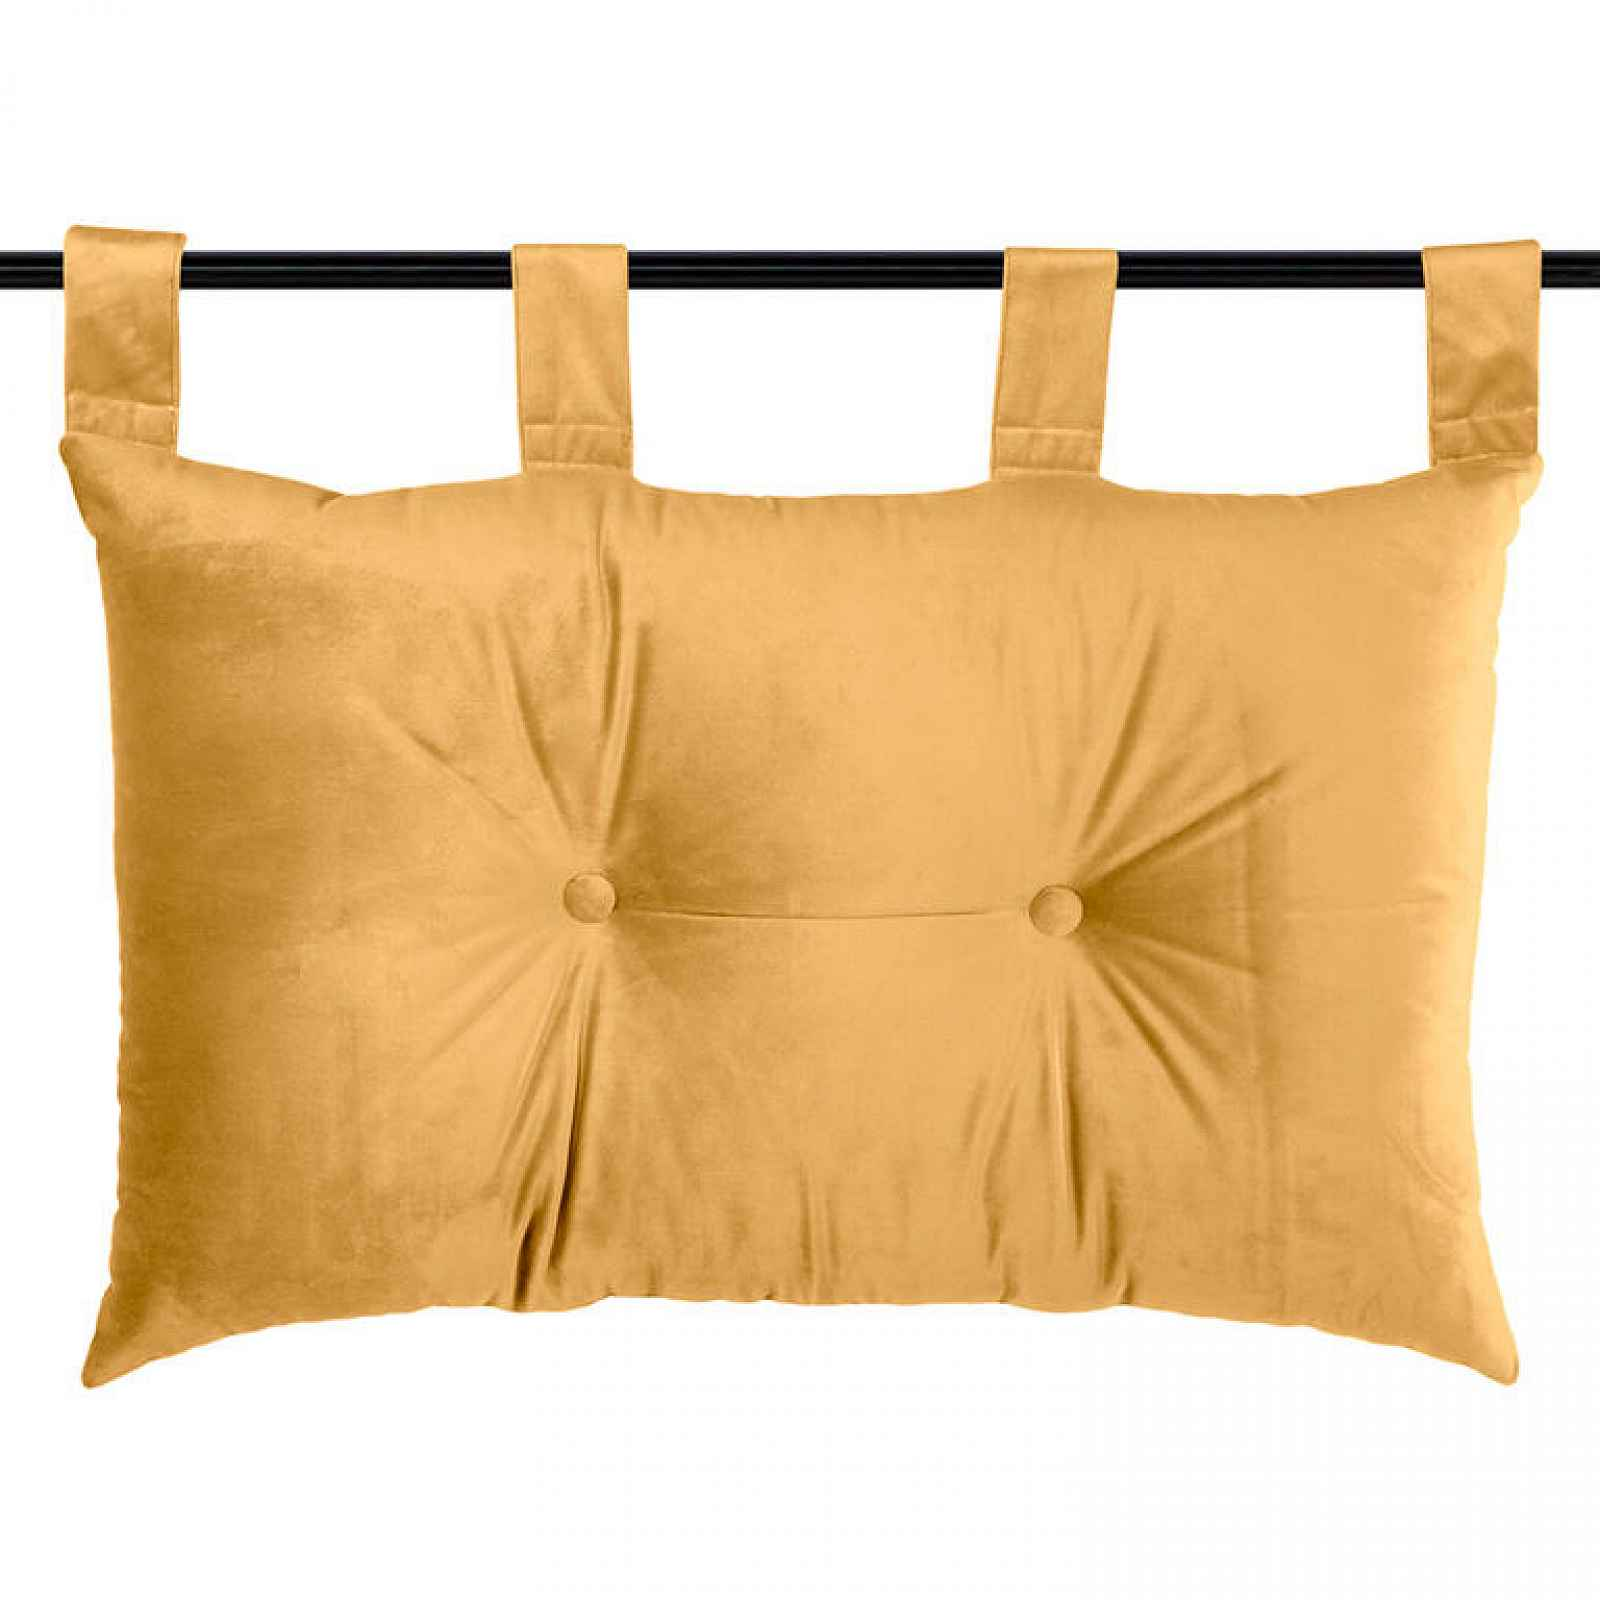 Závěsný polštář DANAÉ MOUTARDE 70 x 45 cm